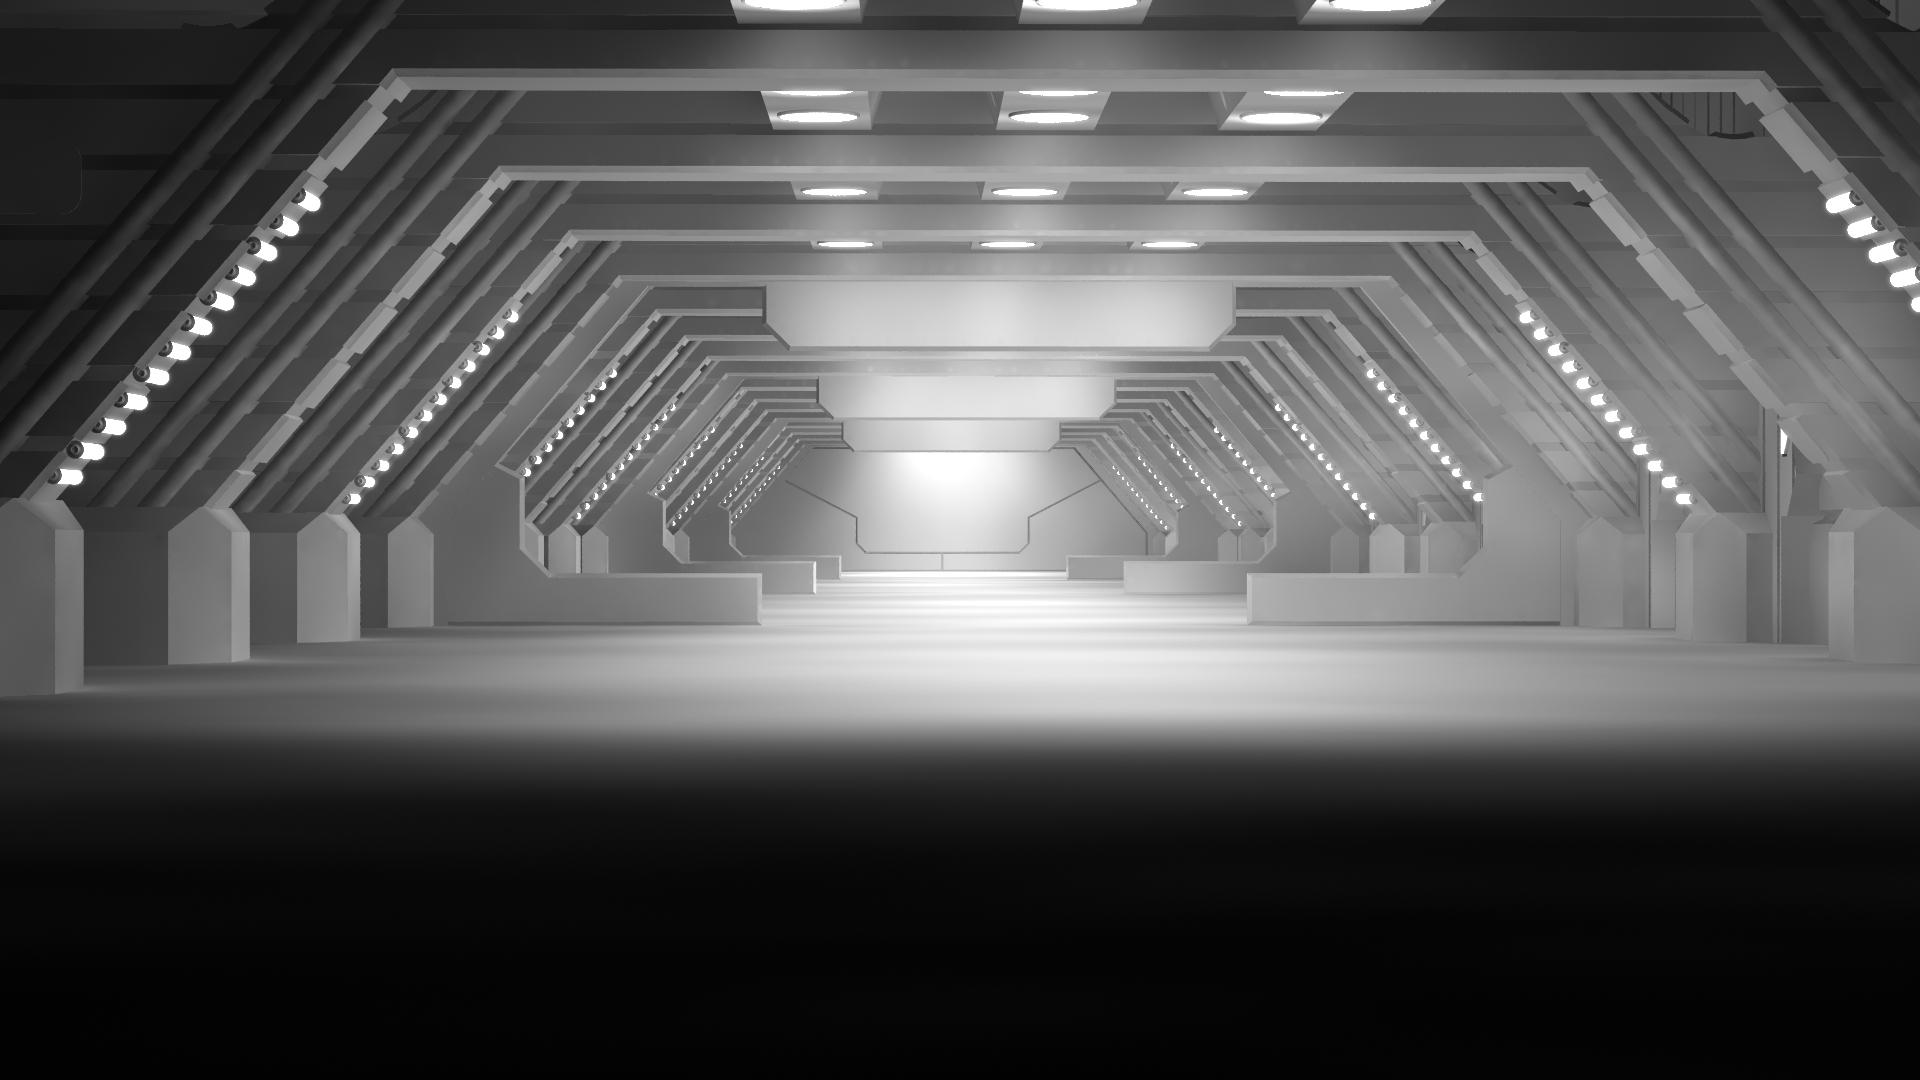 bsg hangar amb rad - photo #3